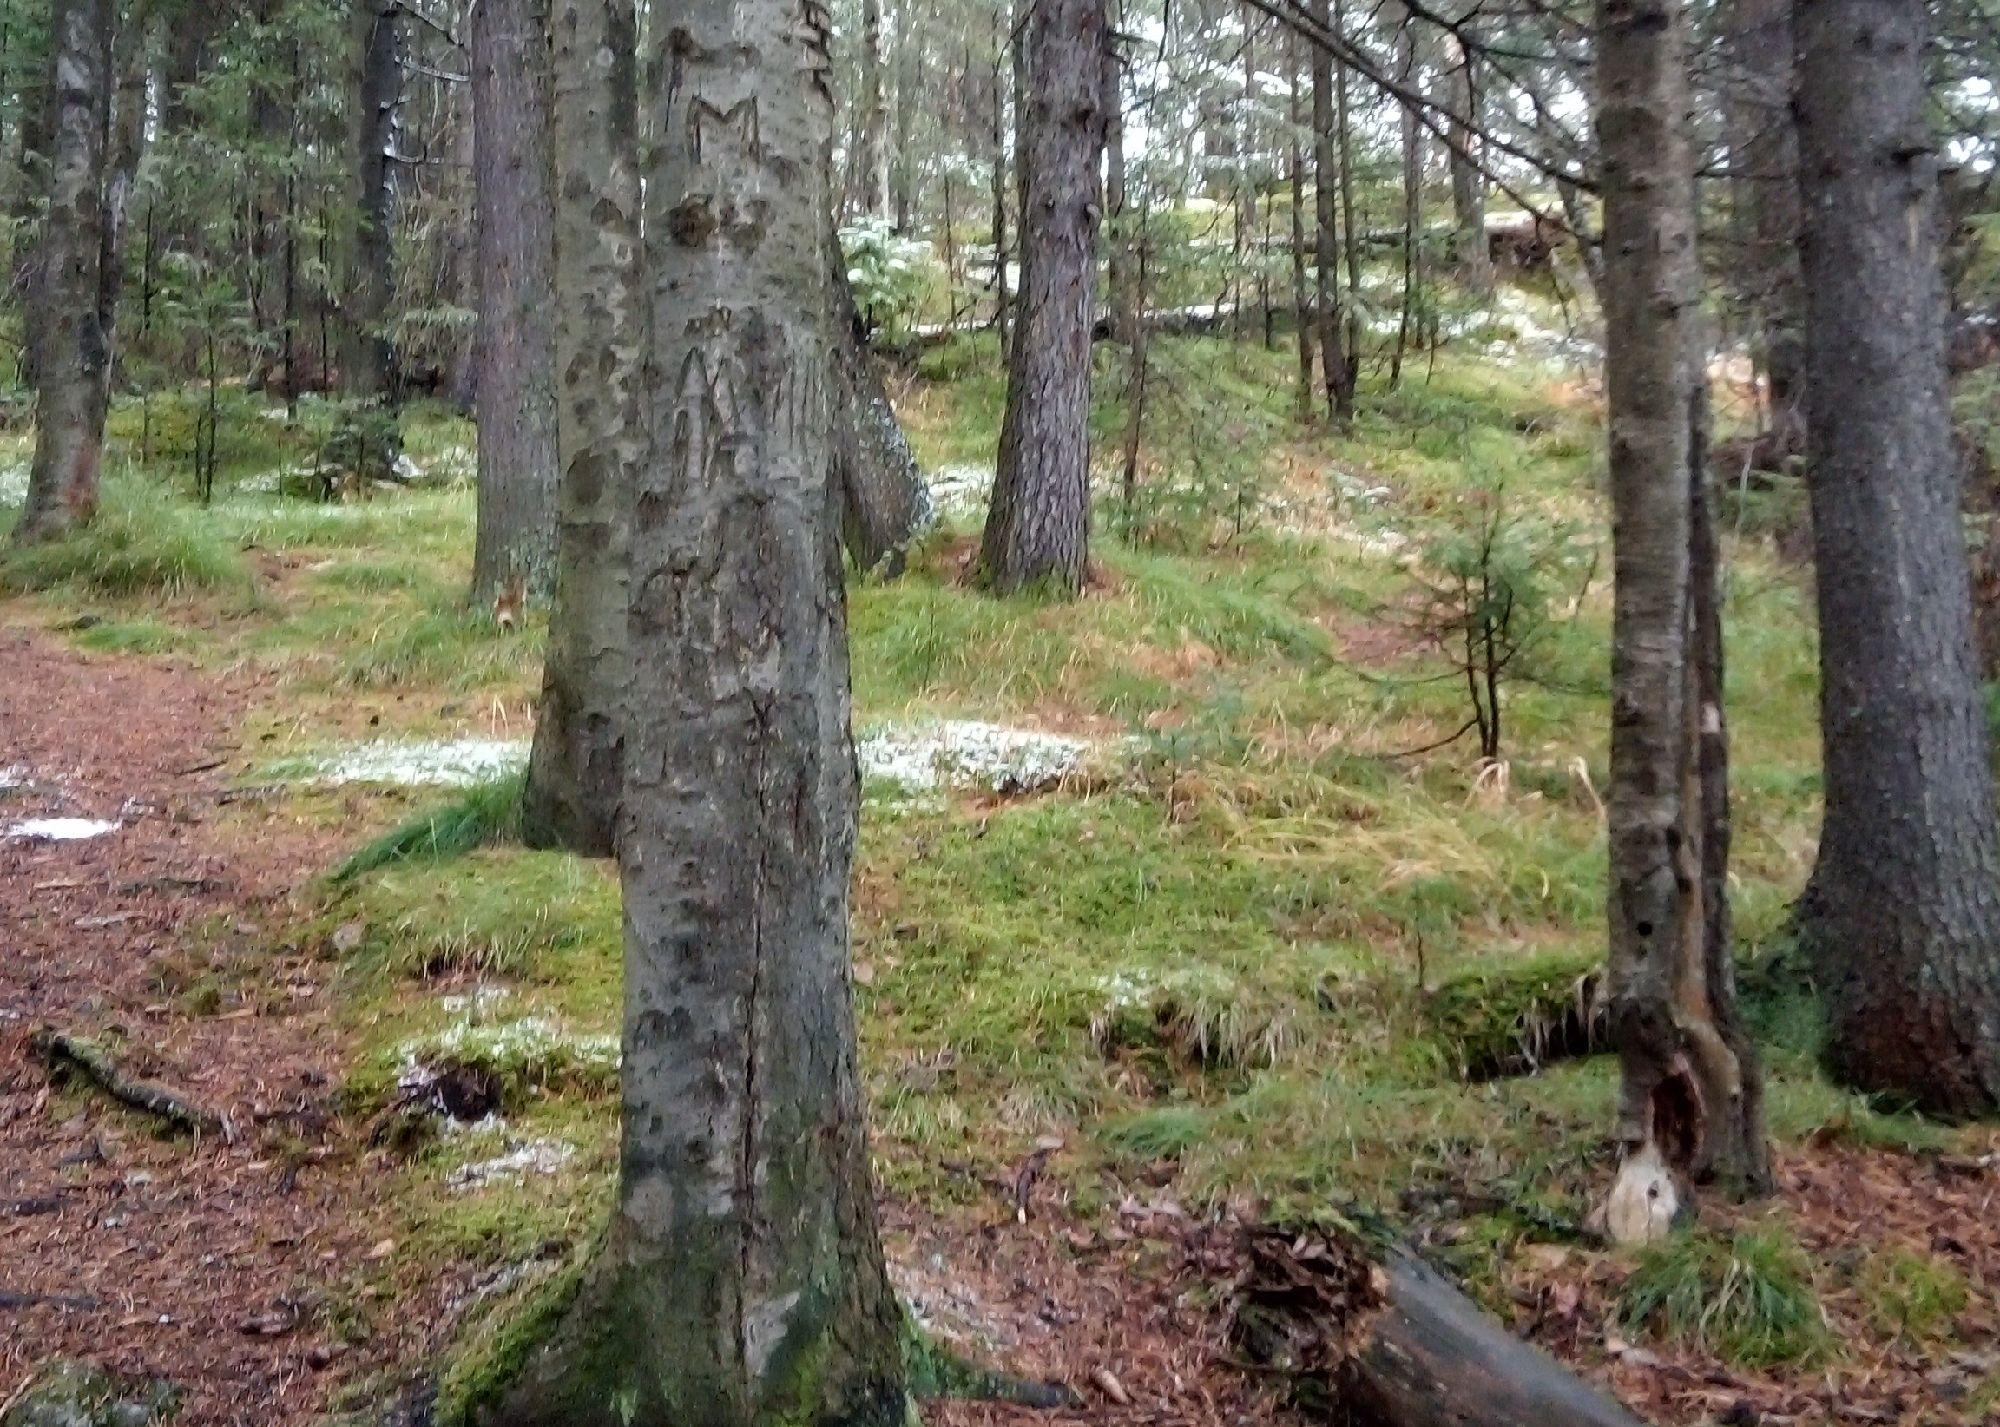 В глубине леса ещё совсем зелено: снег остался на кронах...